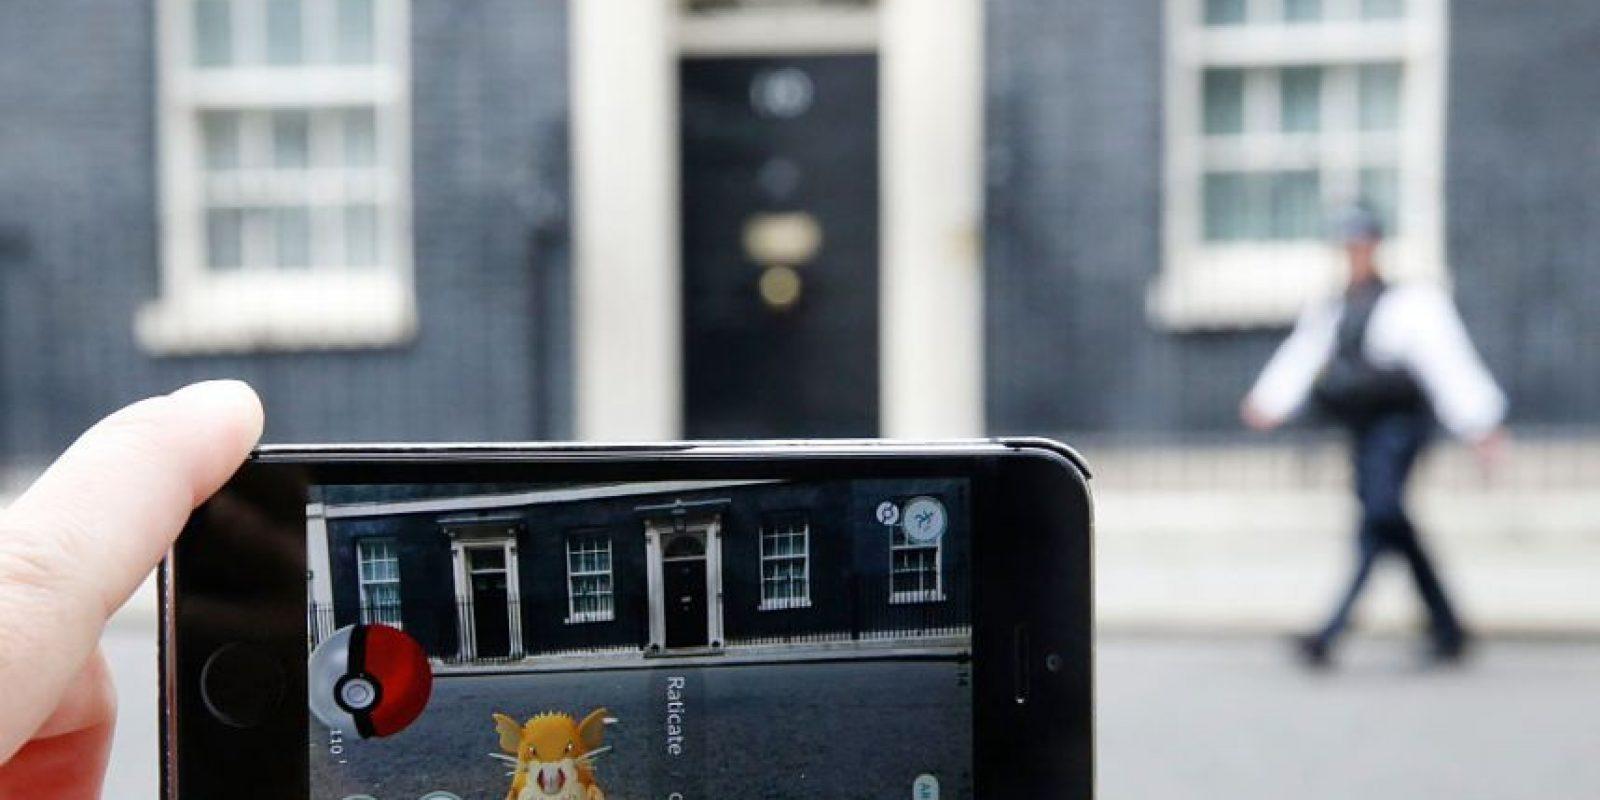 Juegos de realidad aumentada como Pokemon Go han demostrado ser muy populares. Foto:Getty Images